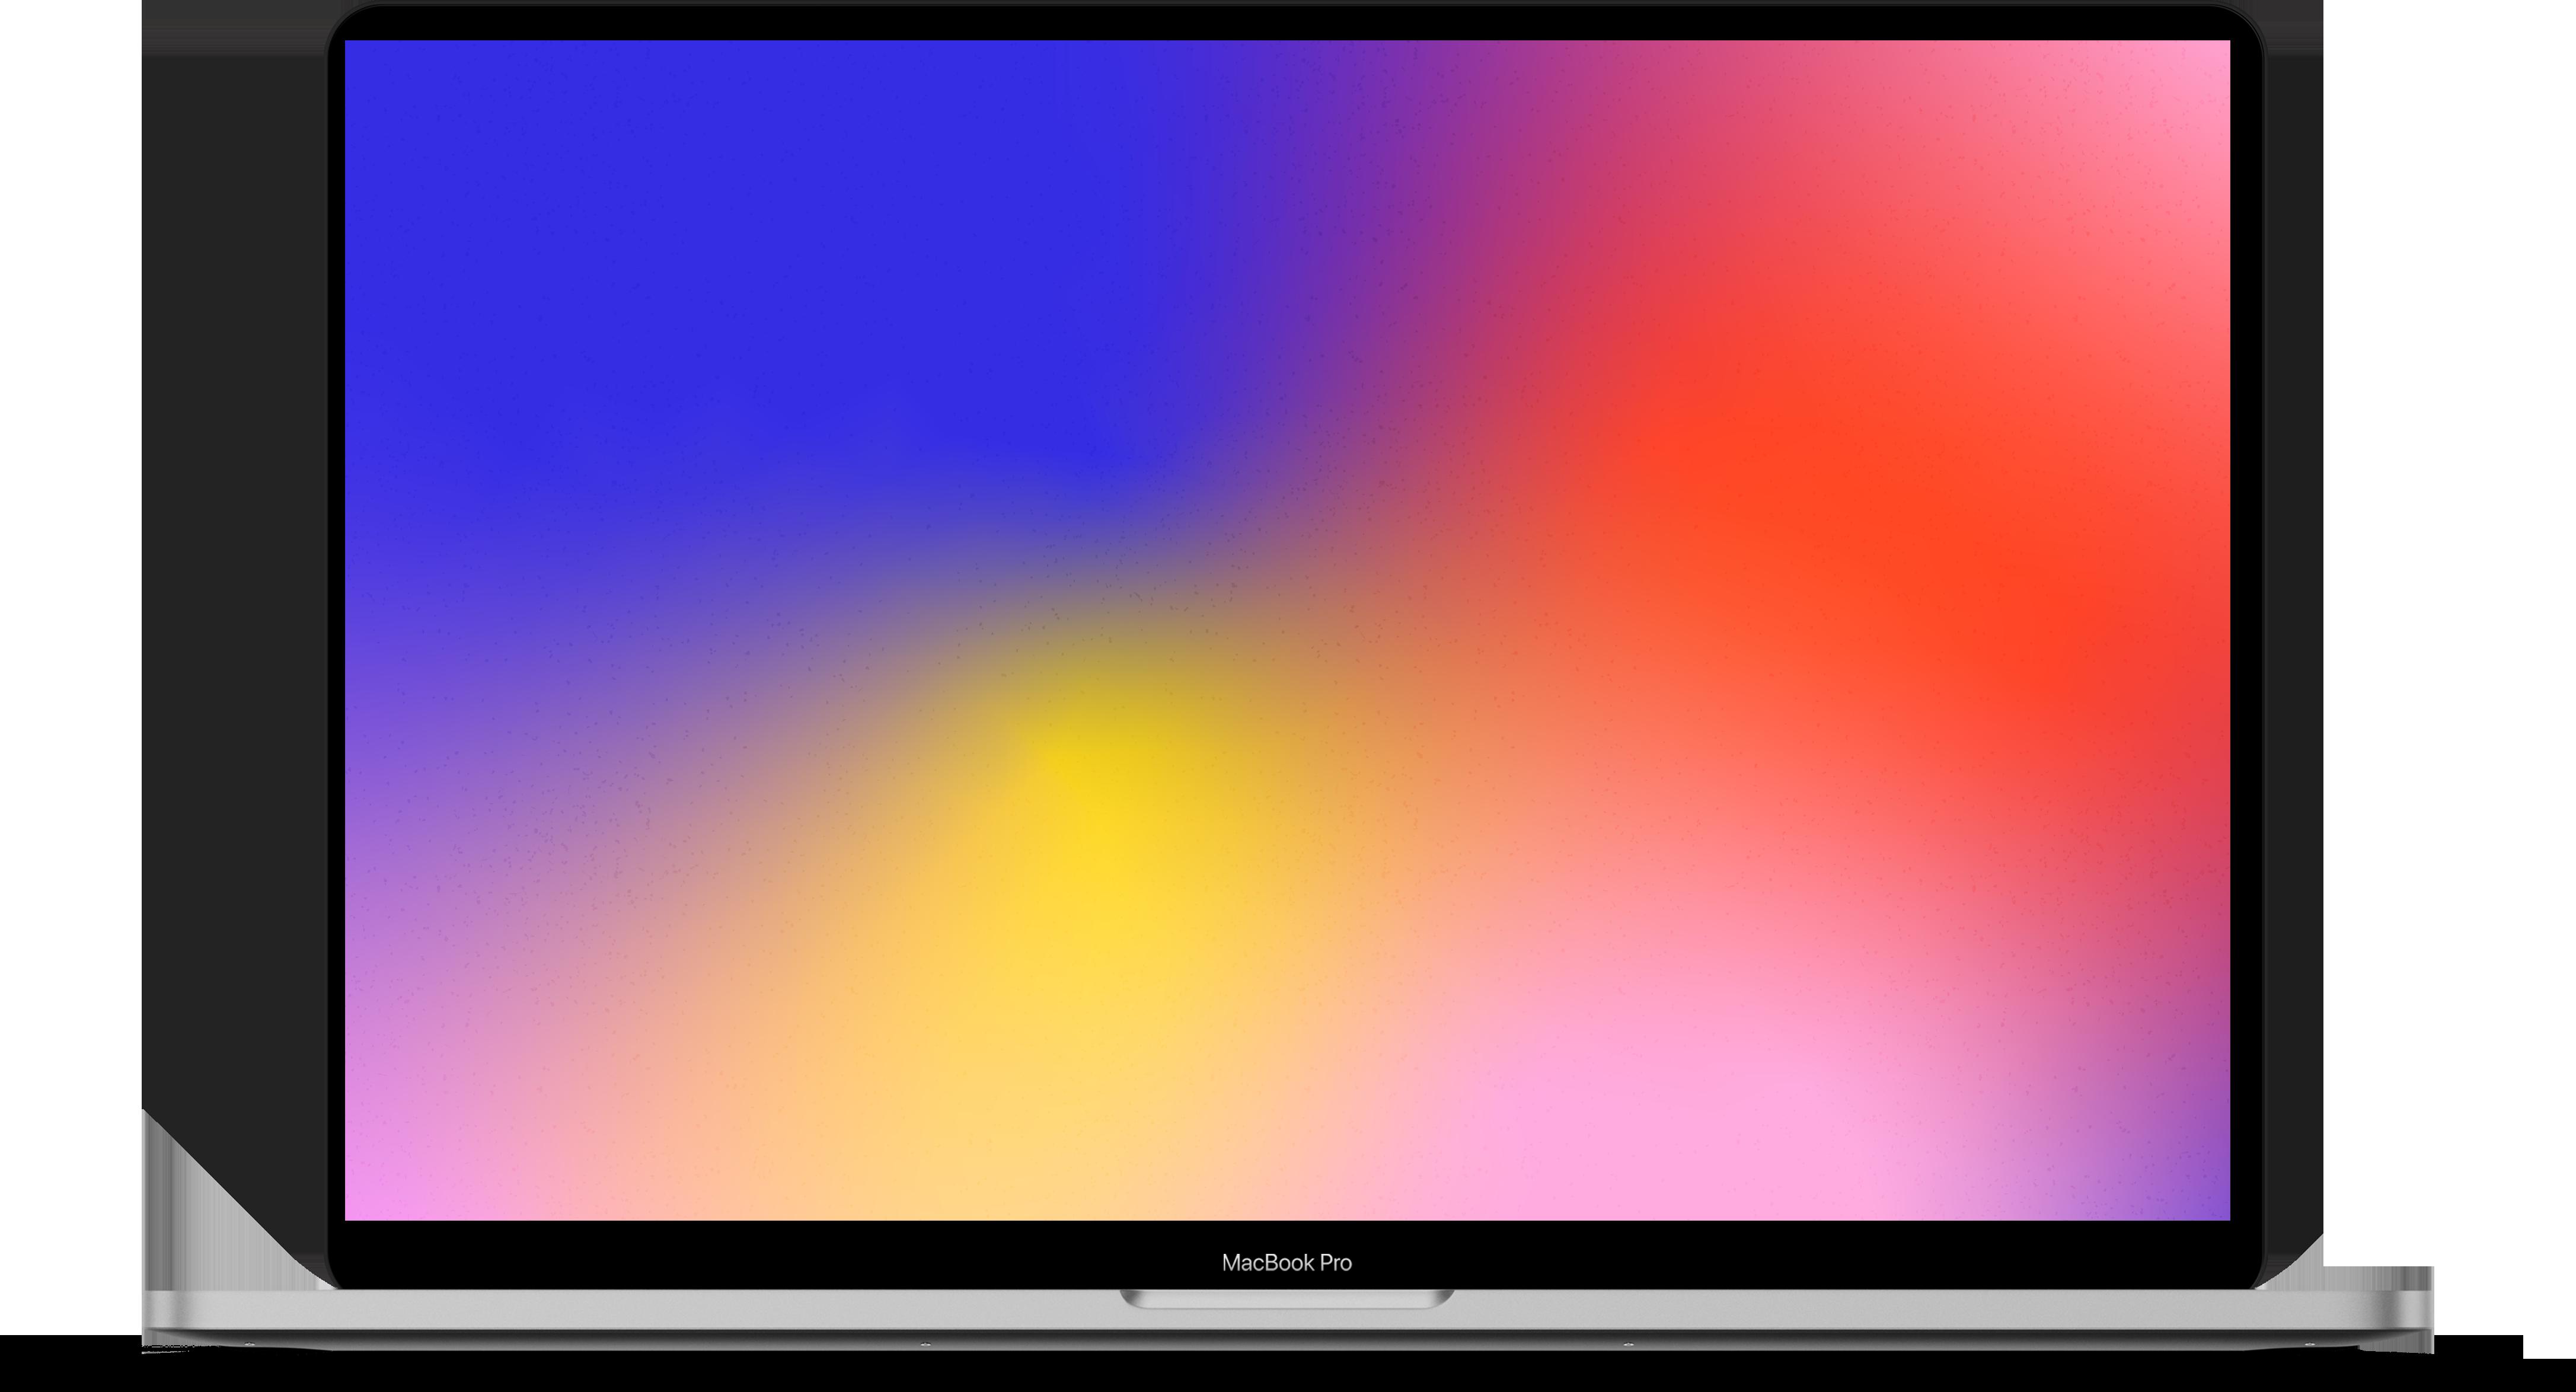 MacBook Pro with gradient screen.